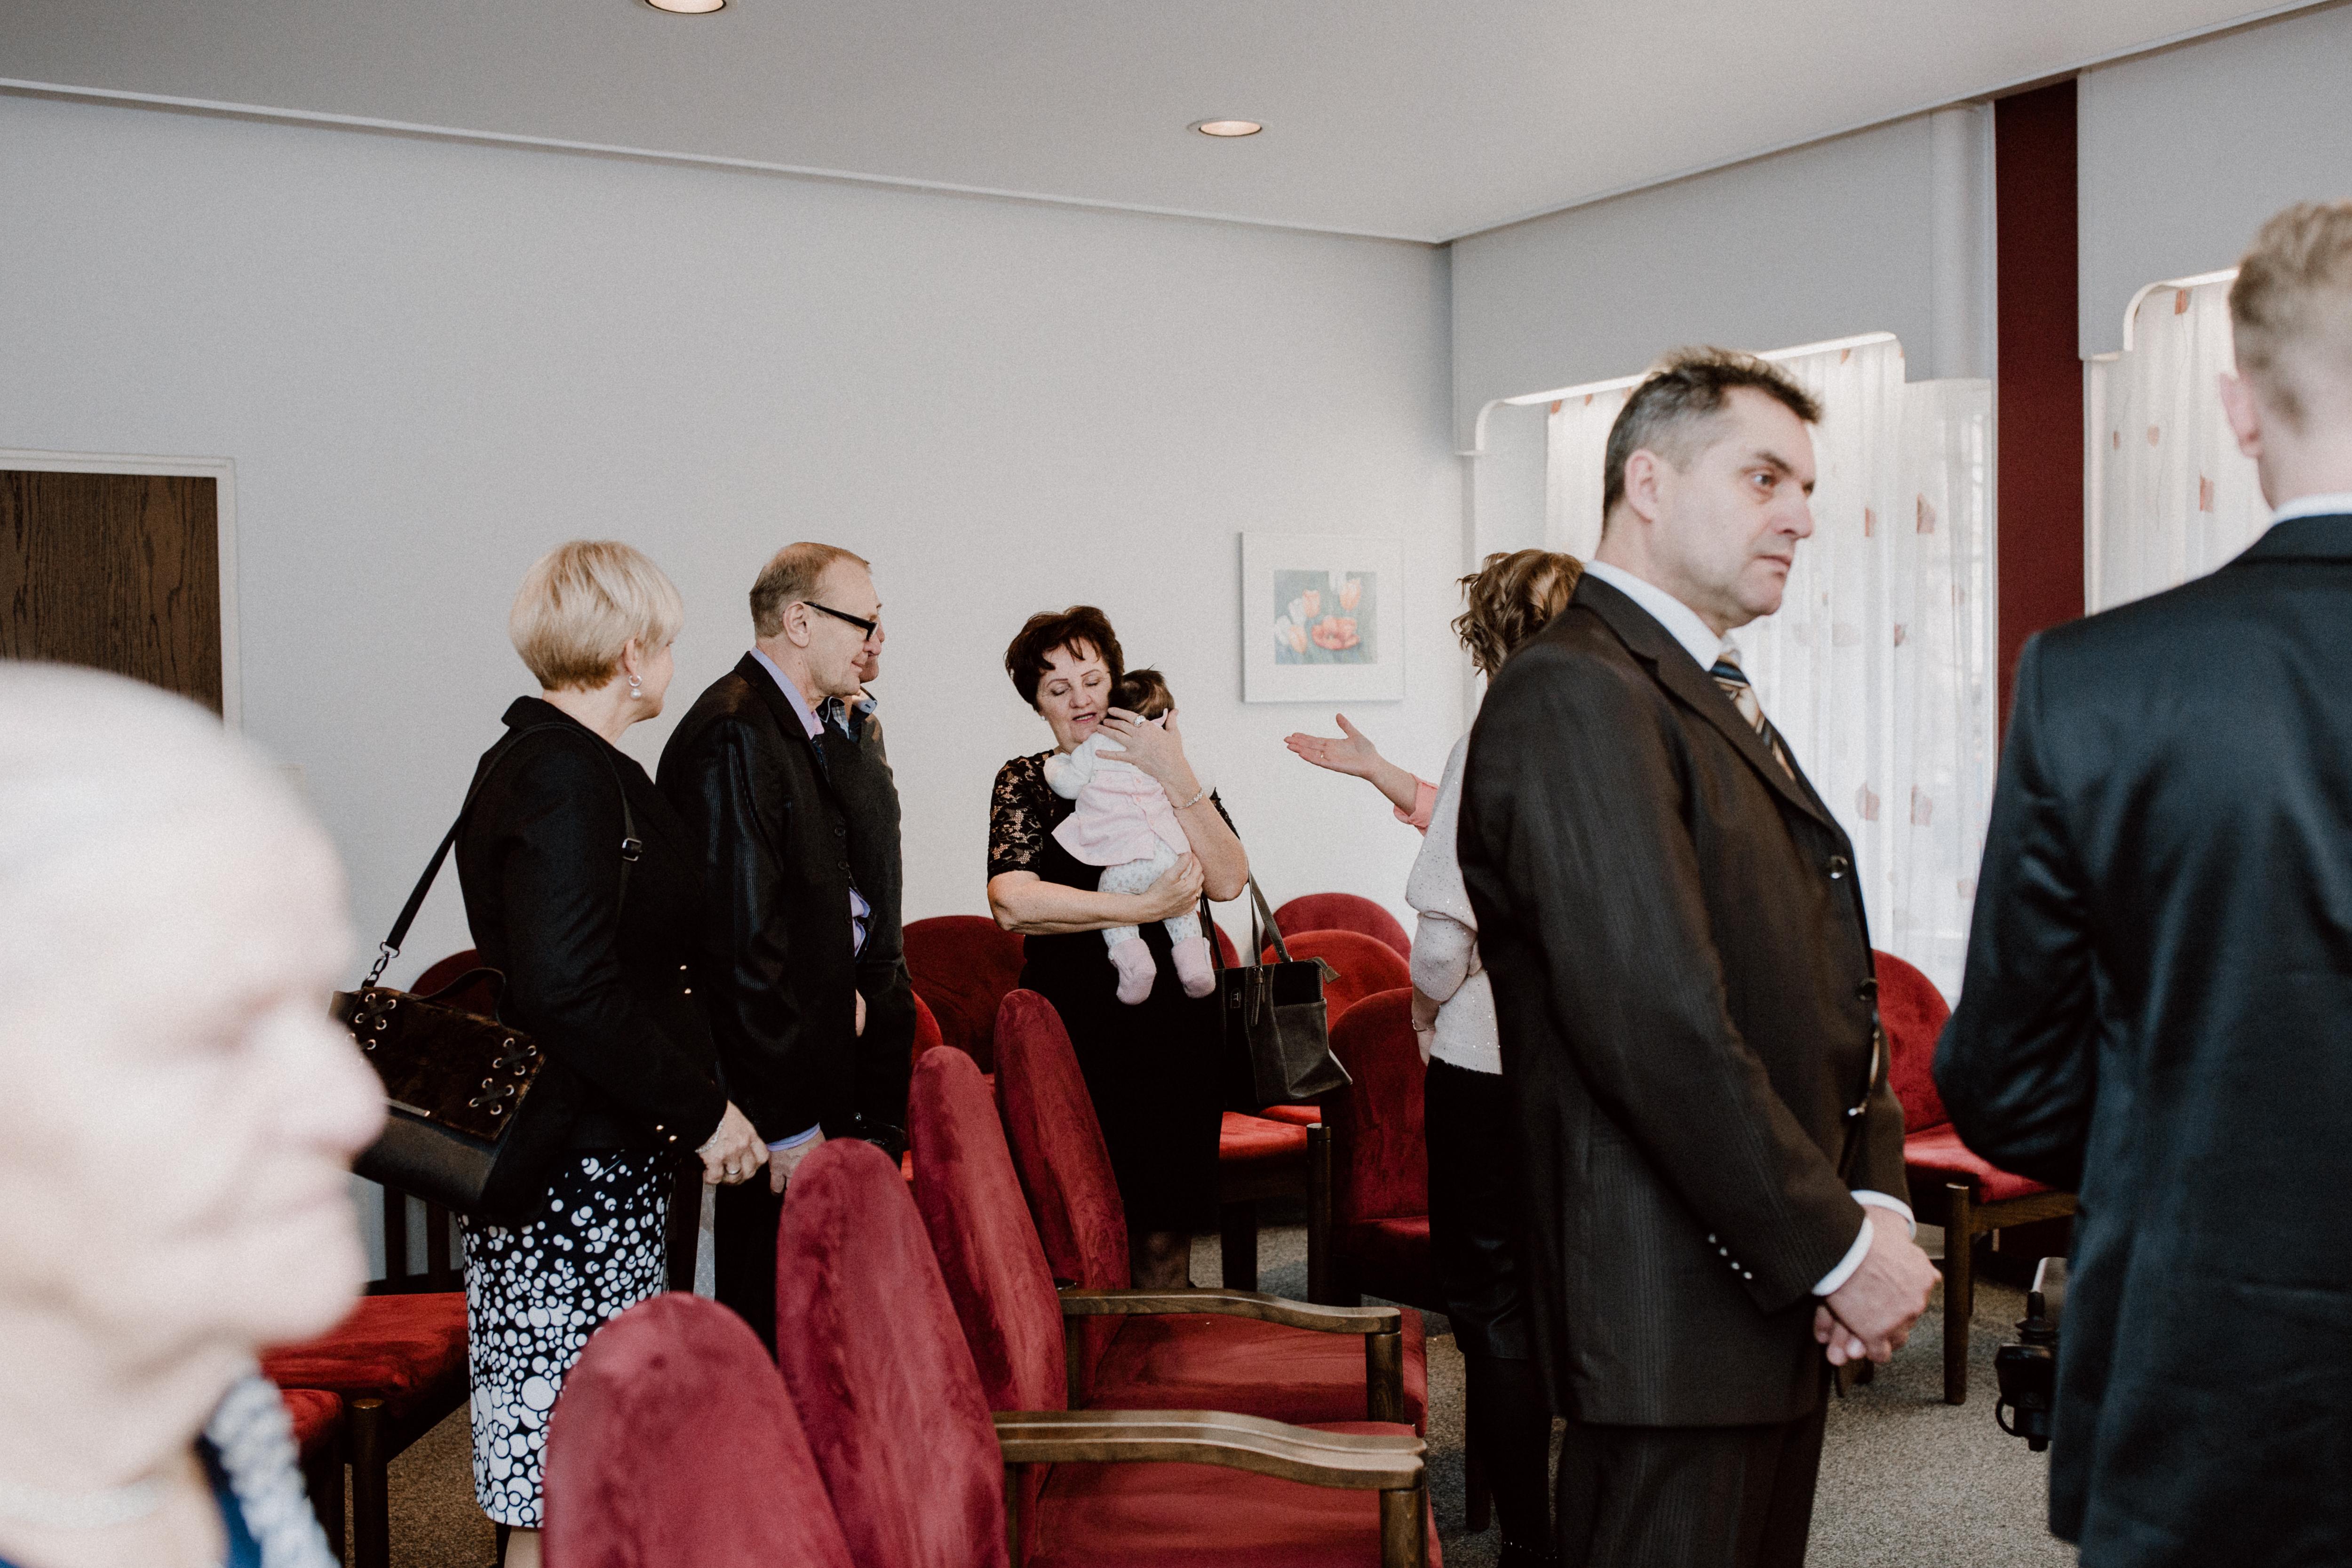 URBANERIE_Daniela_Goth_Hochzeitsfotografin_Nürnberg_Fürth_Erlangen_Schwabach_171110_0226